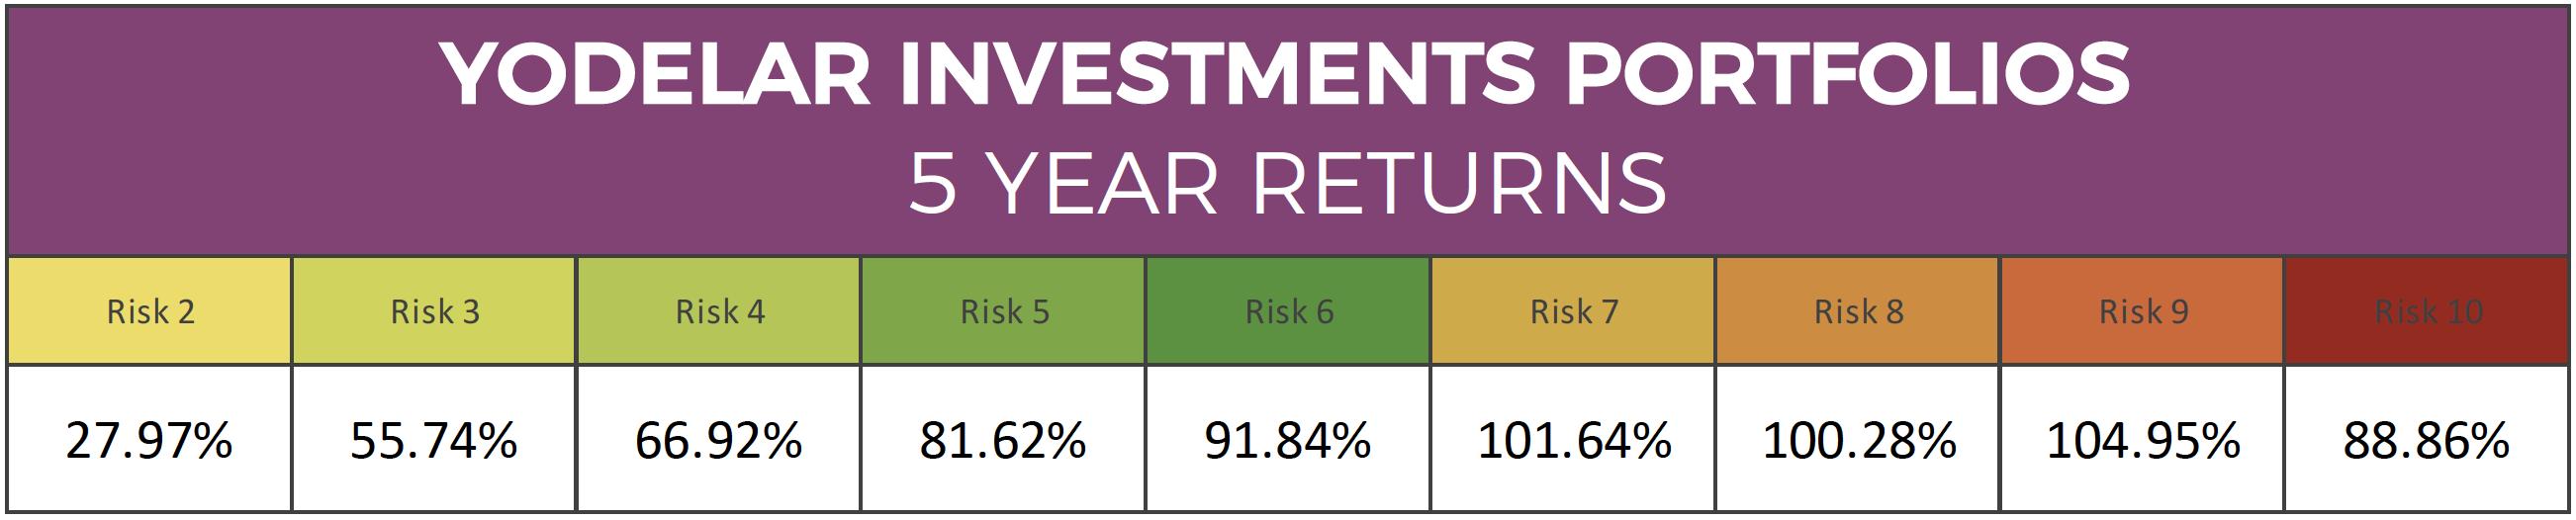 Best Investment Portfolios